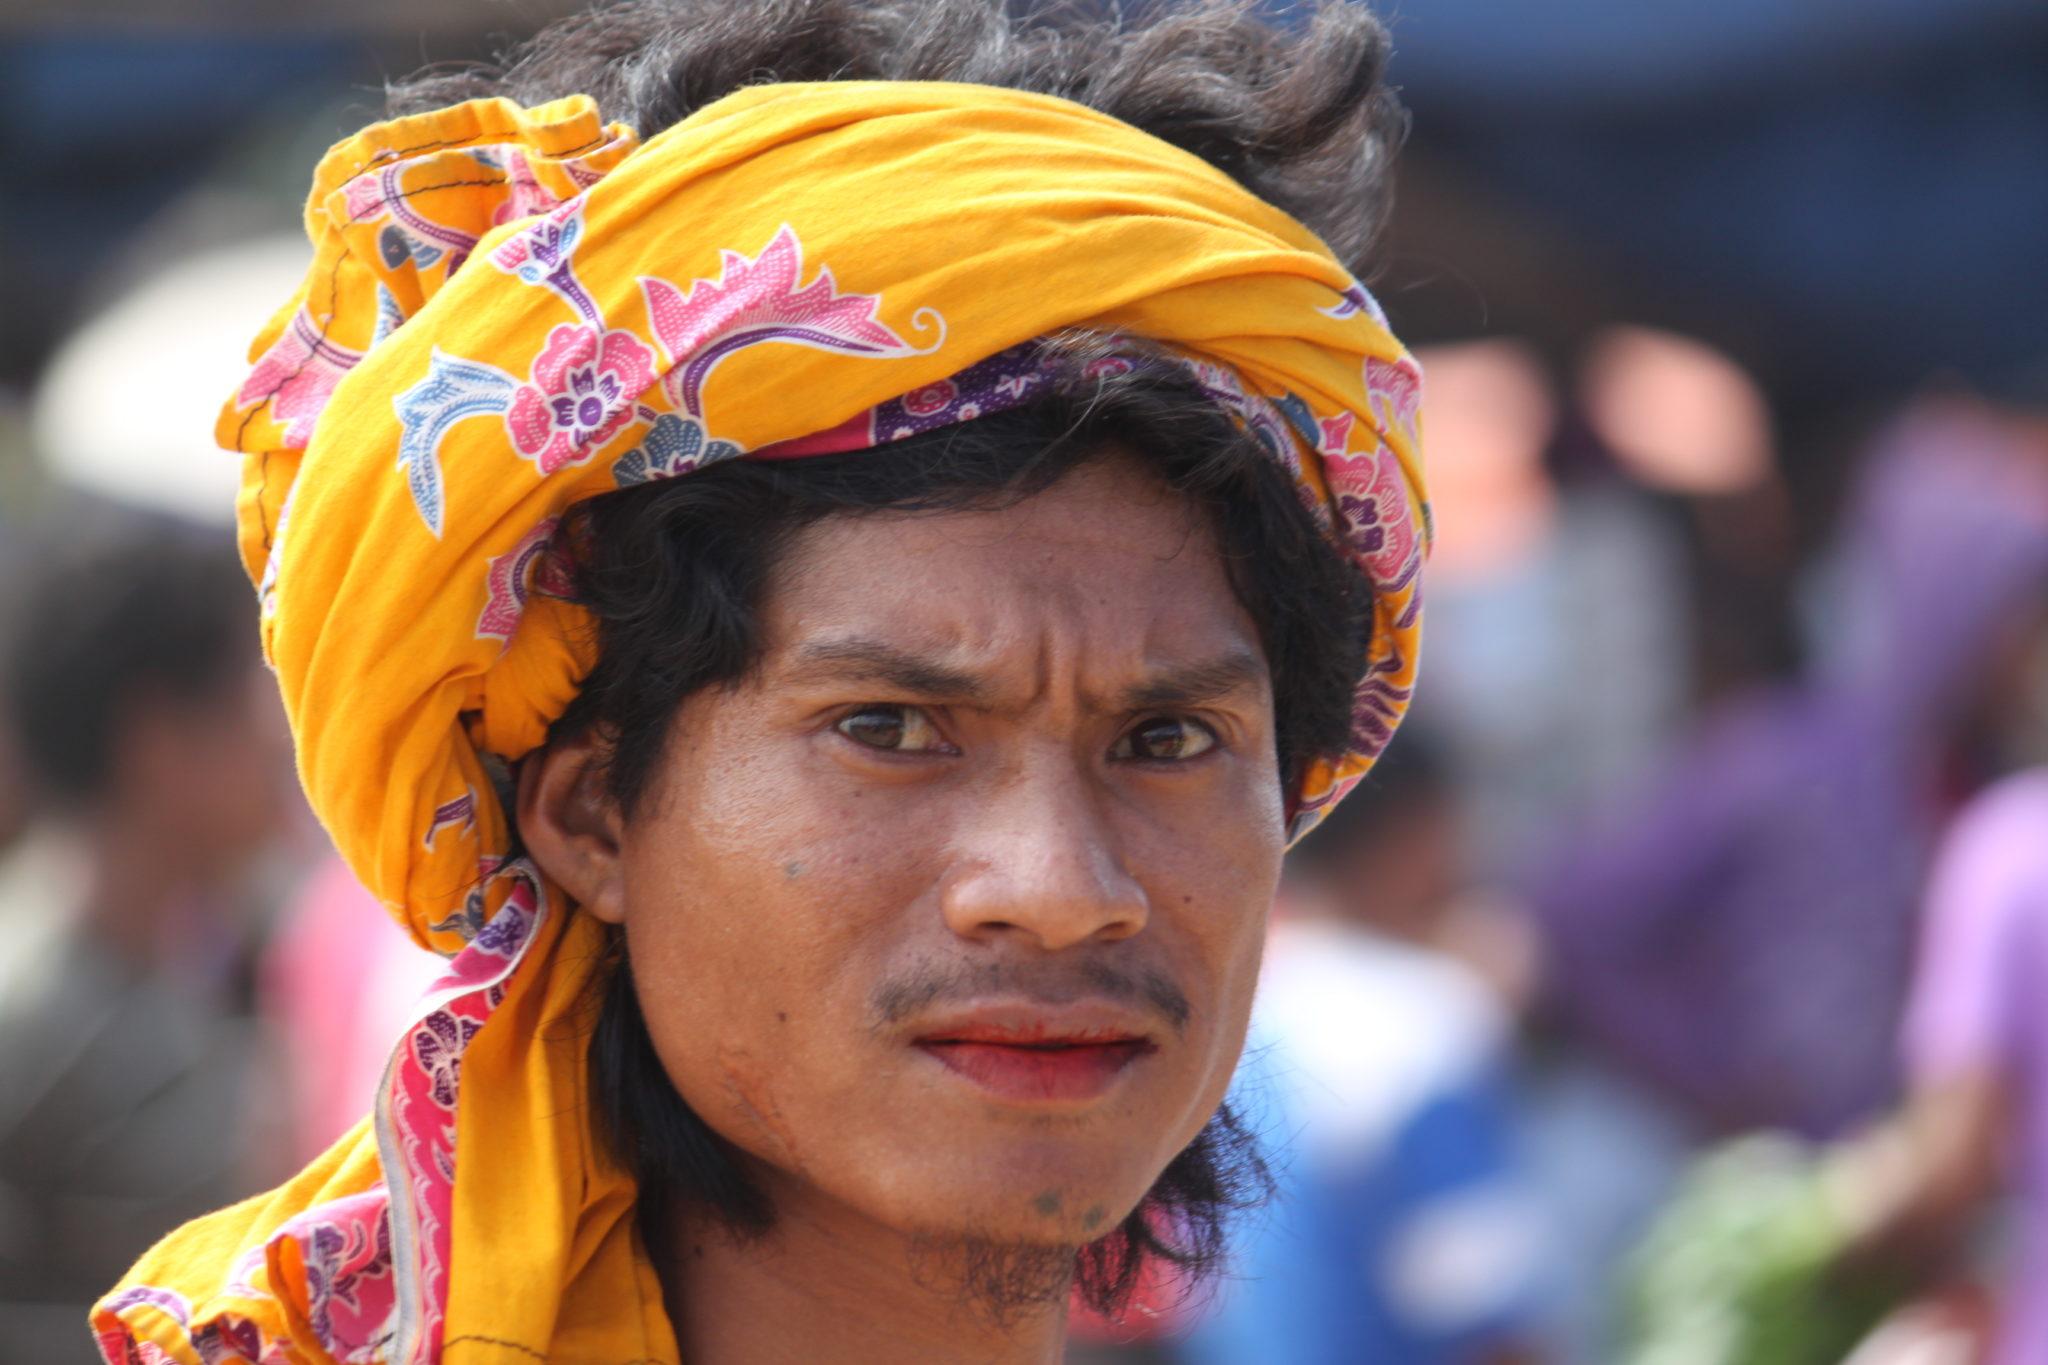 turban-sumba